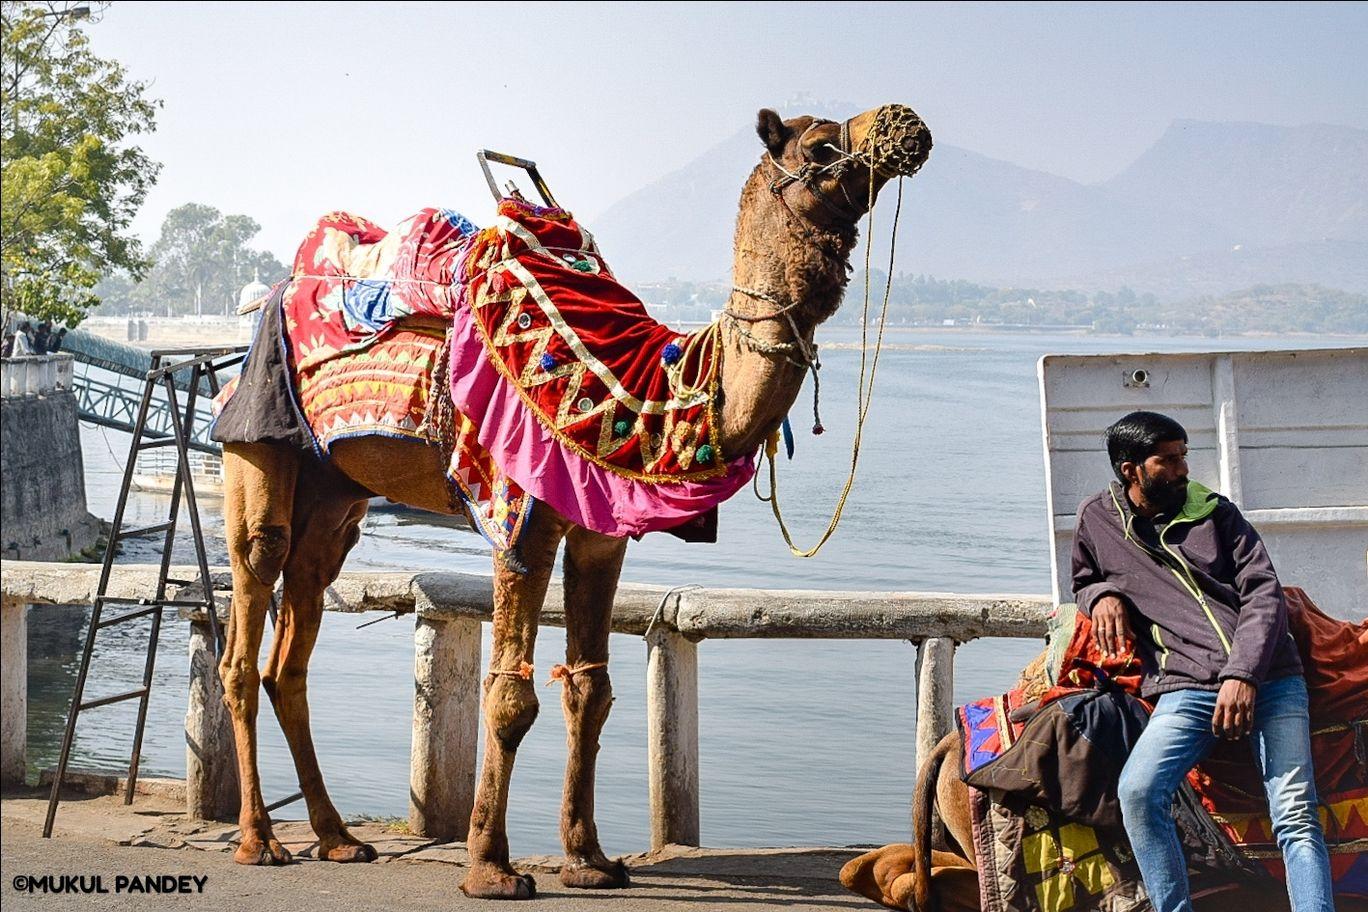 Photo of Jaipur By Mukul Pandey